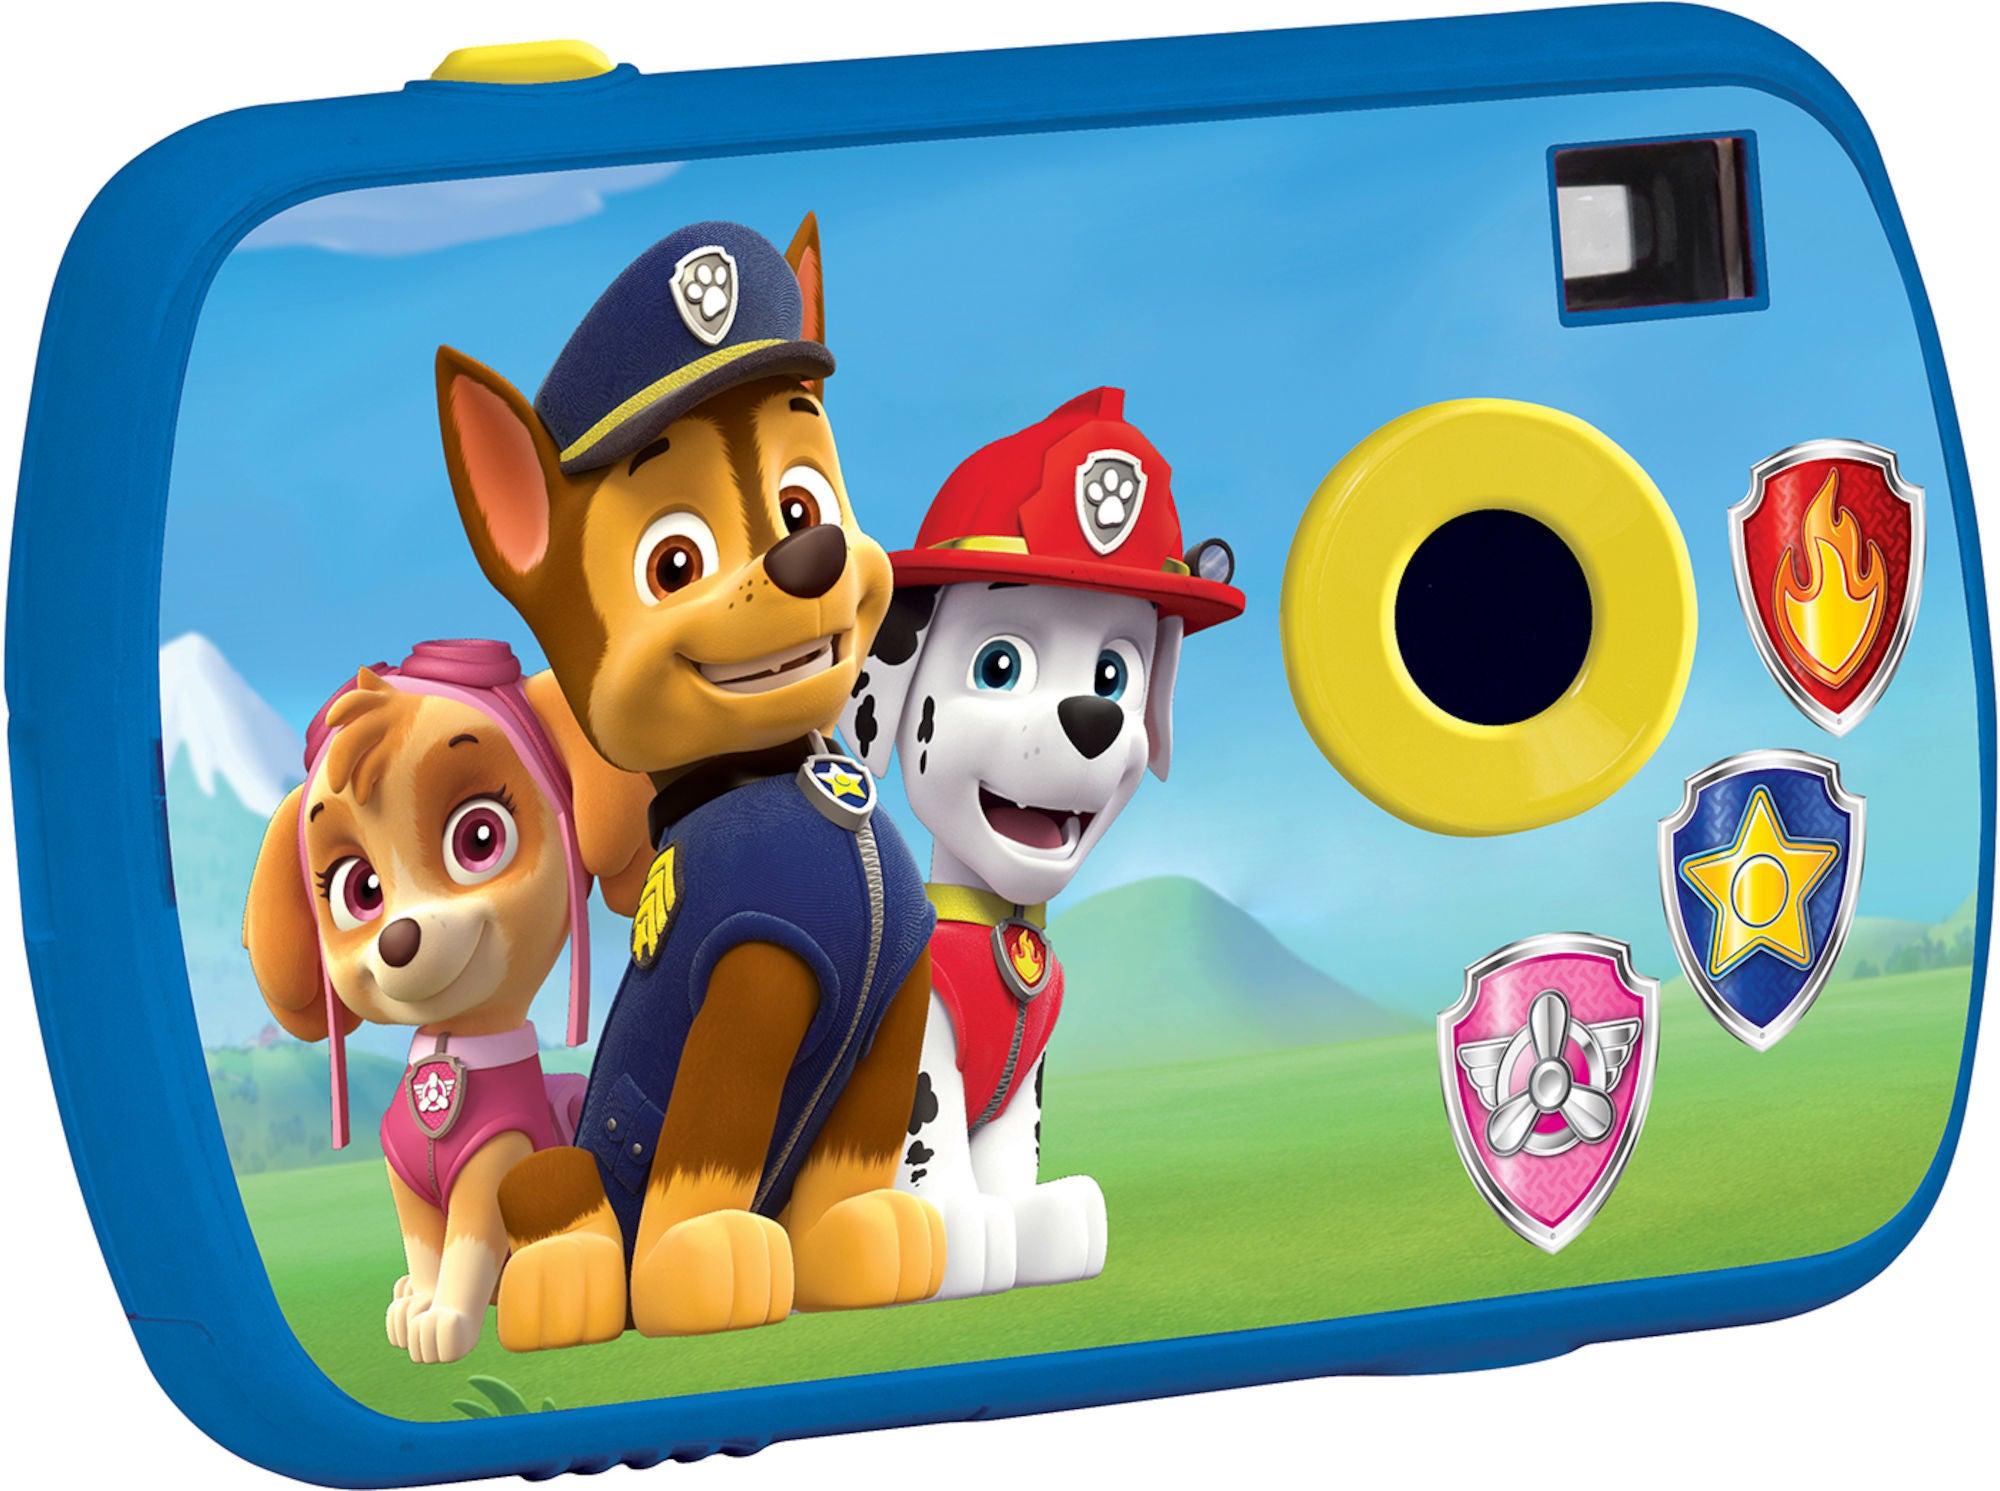 Paw Patrol 1.3 MP Digitalkamera